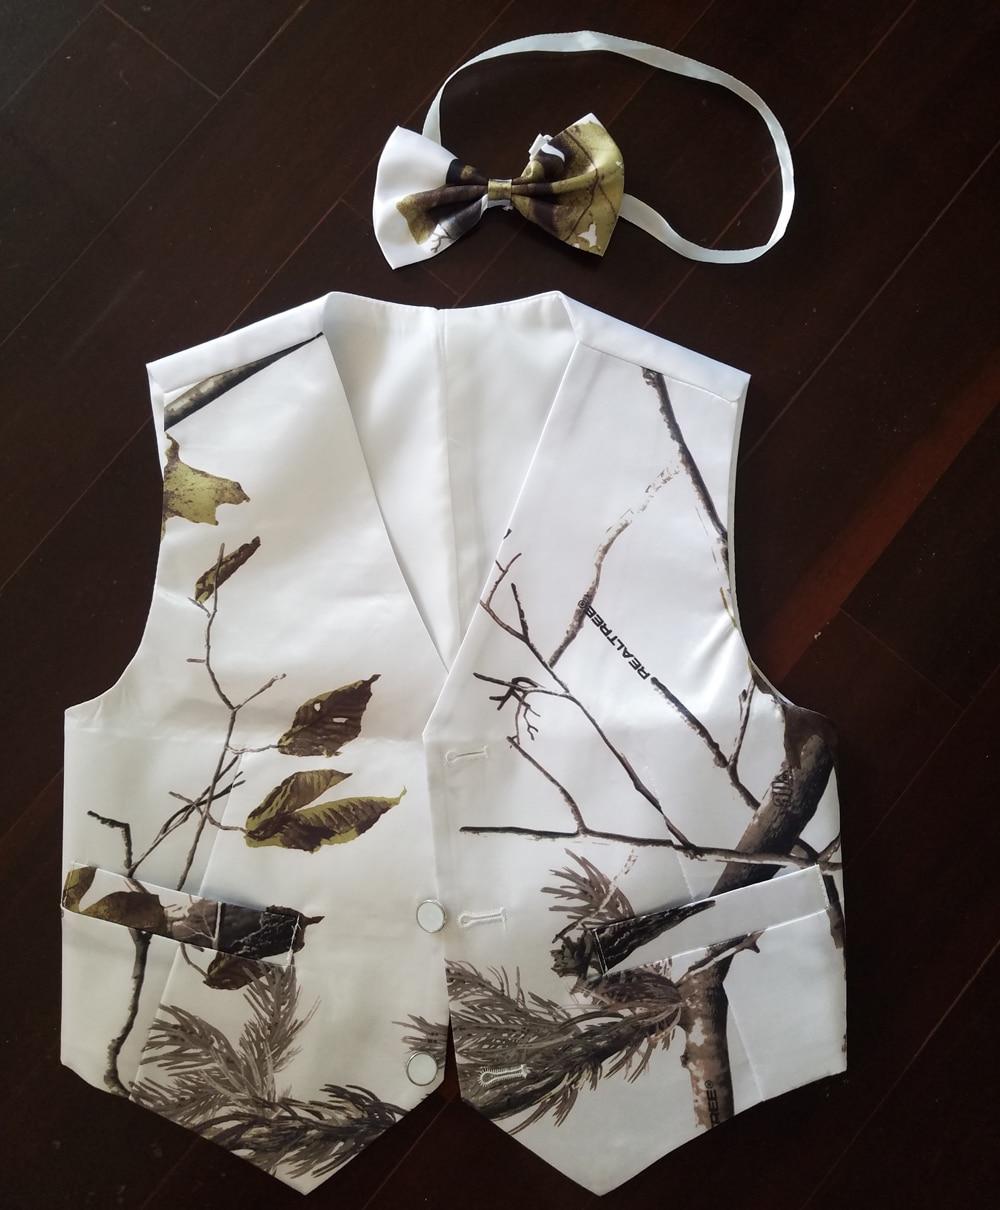 Белый детский жилет под смокинг, камуфляжный формальный свадебный жилет для мальчиков, изготовленный на заказ, бесплатная доставка